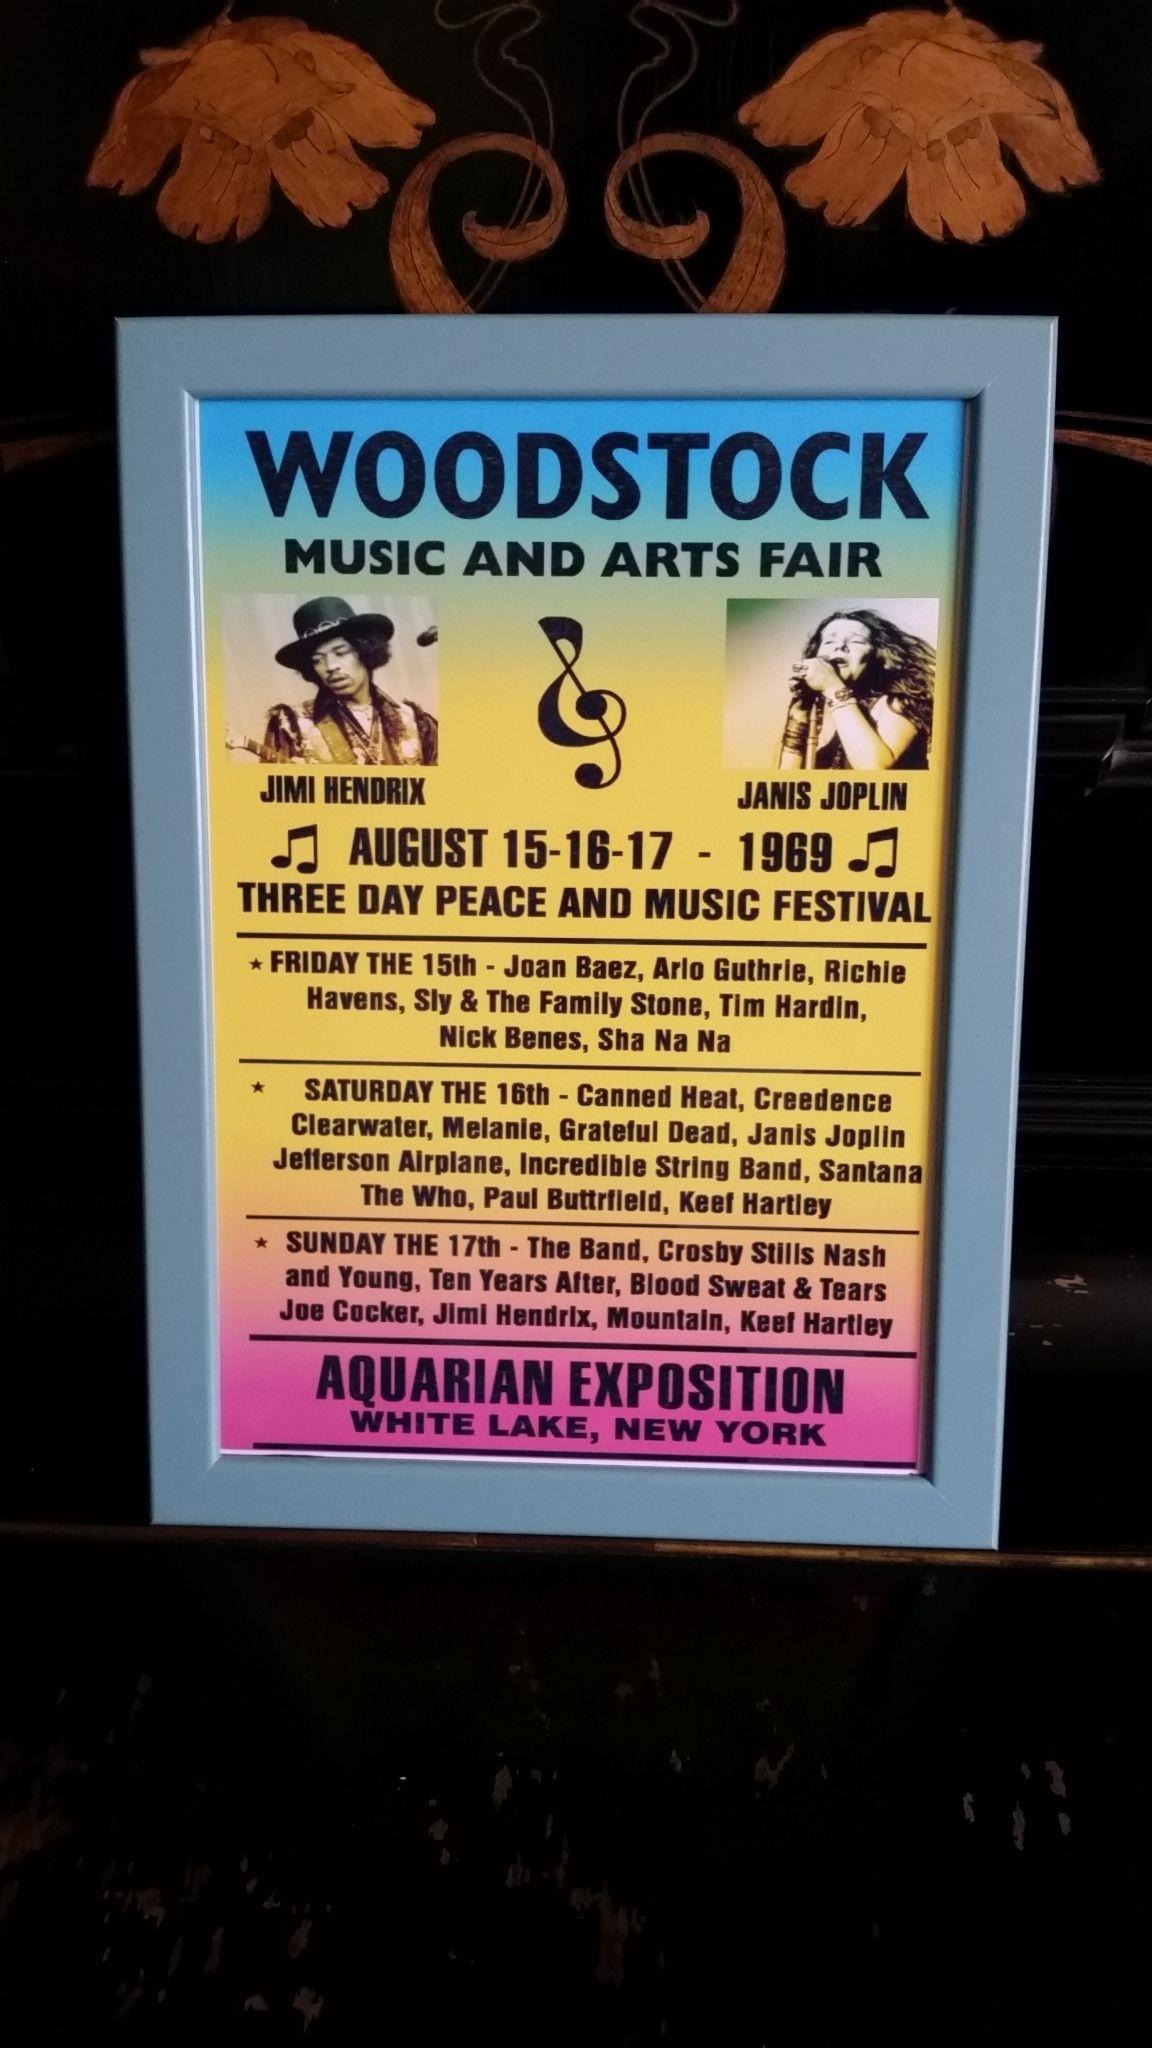 ウッドストック 1969年 ビンテージコンサートポスターA4 【フレーム入り】再生産品 英国製